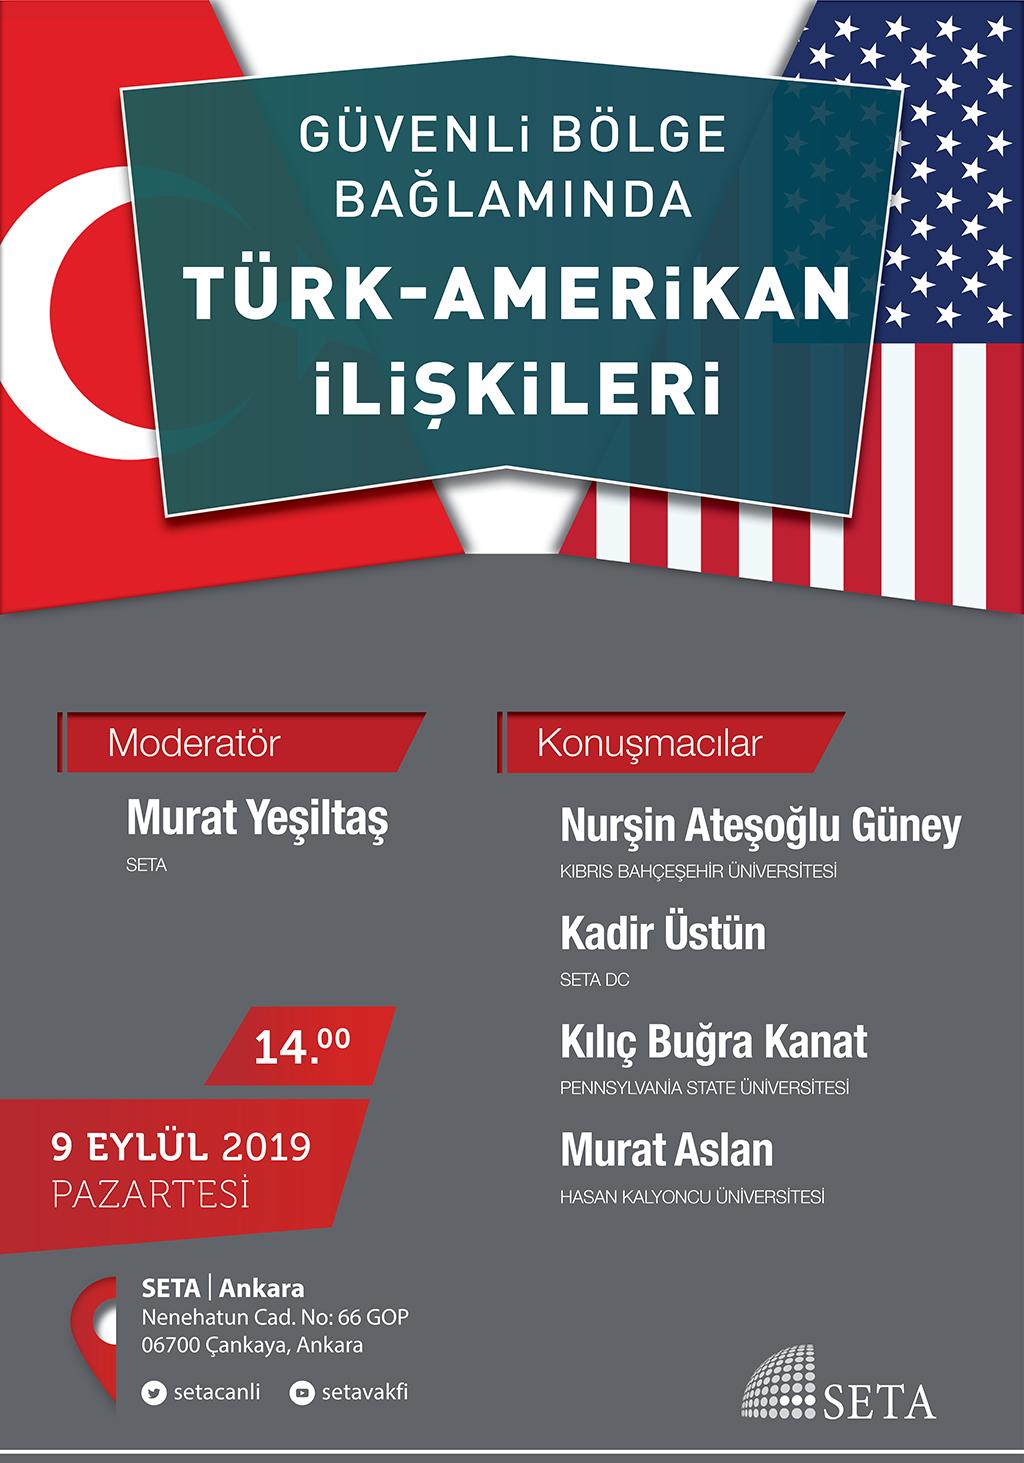 Panel: Güvenli Bölge Bağlamında Türk-Amerikan İlişkileri